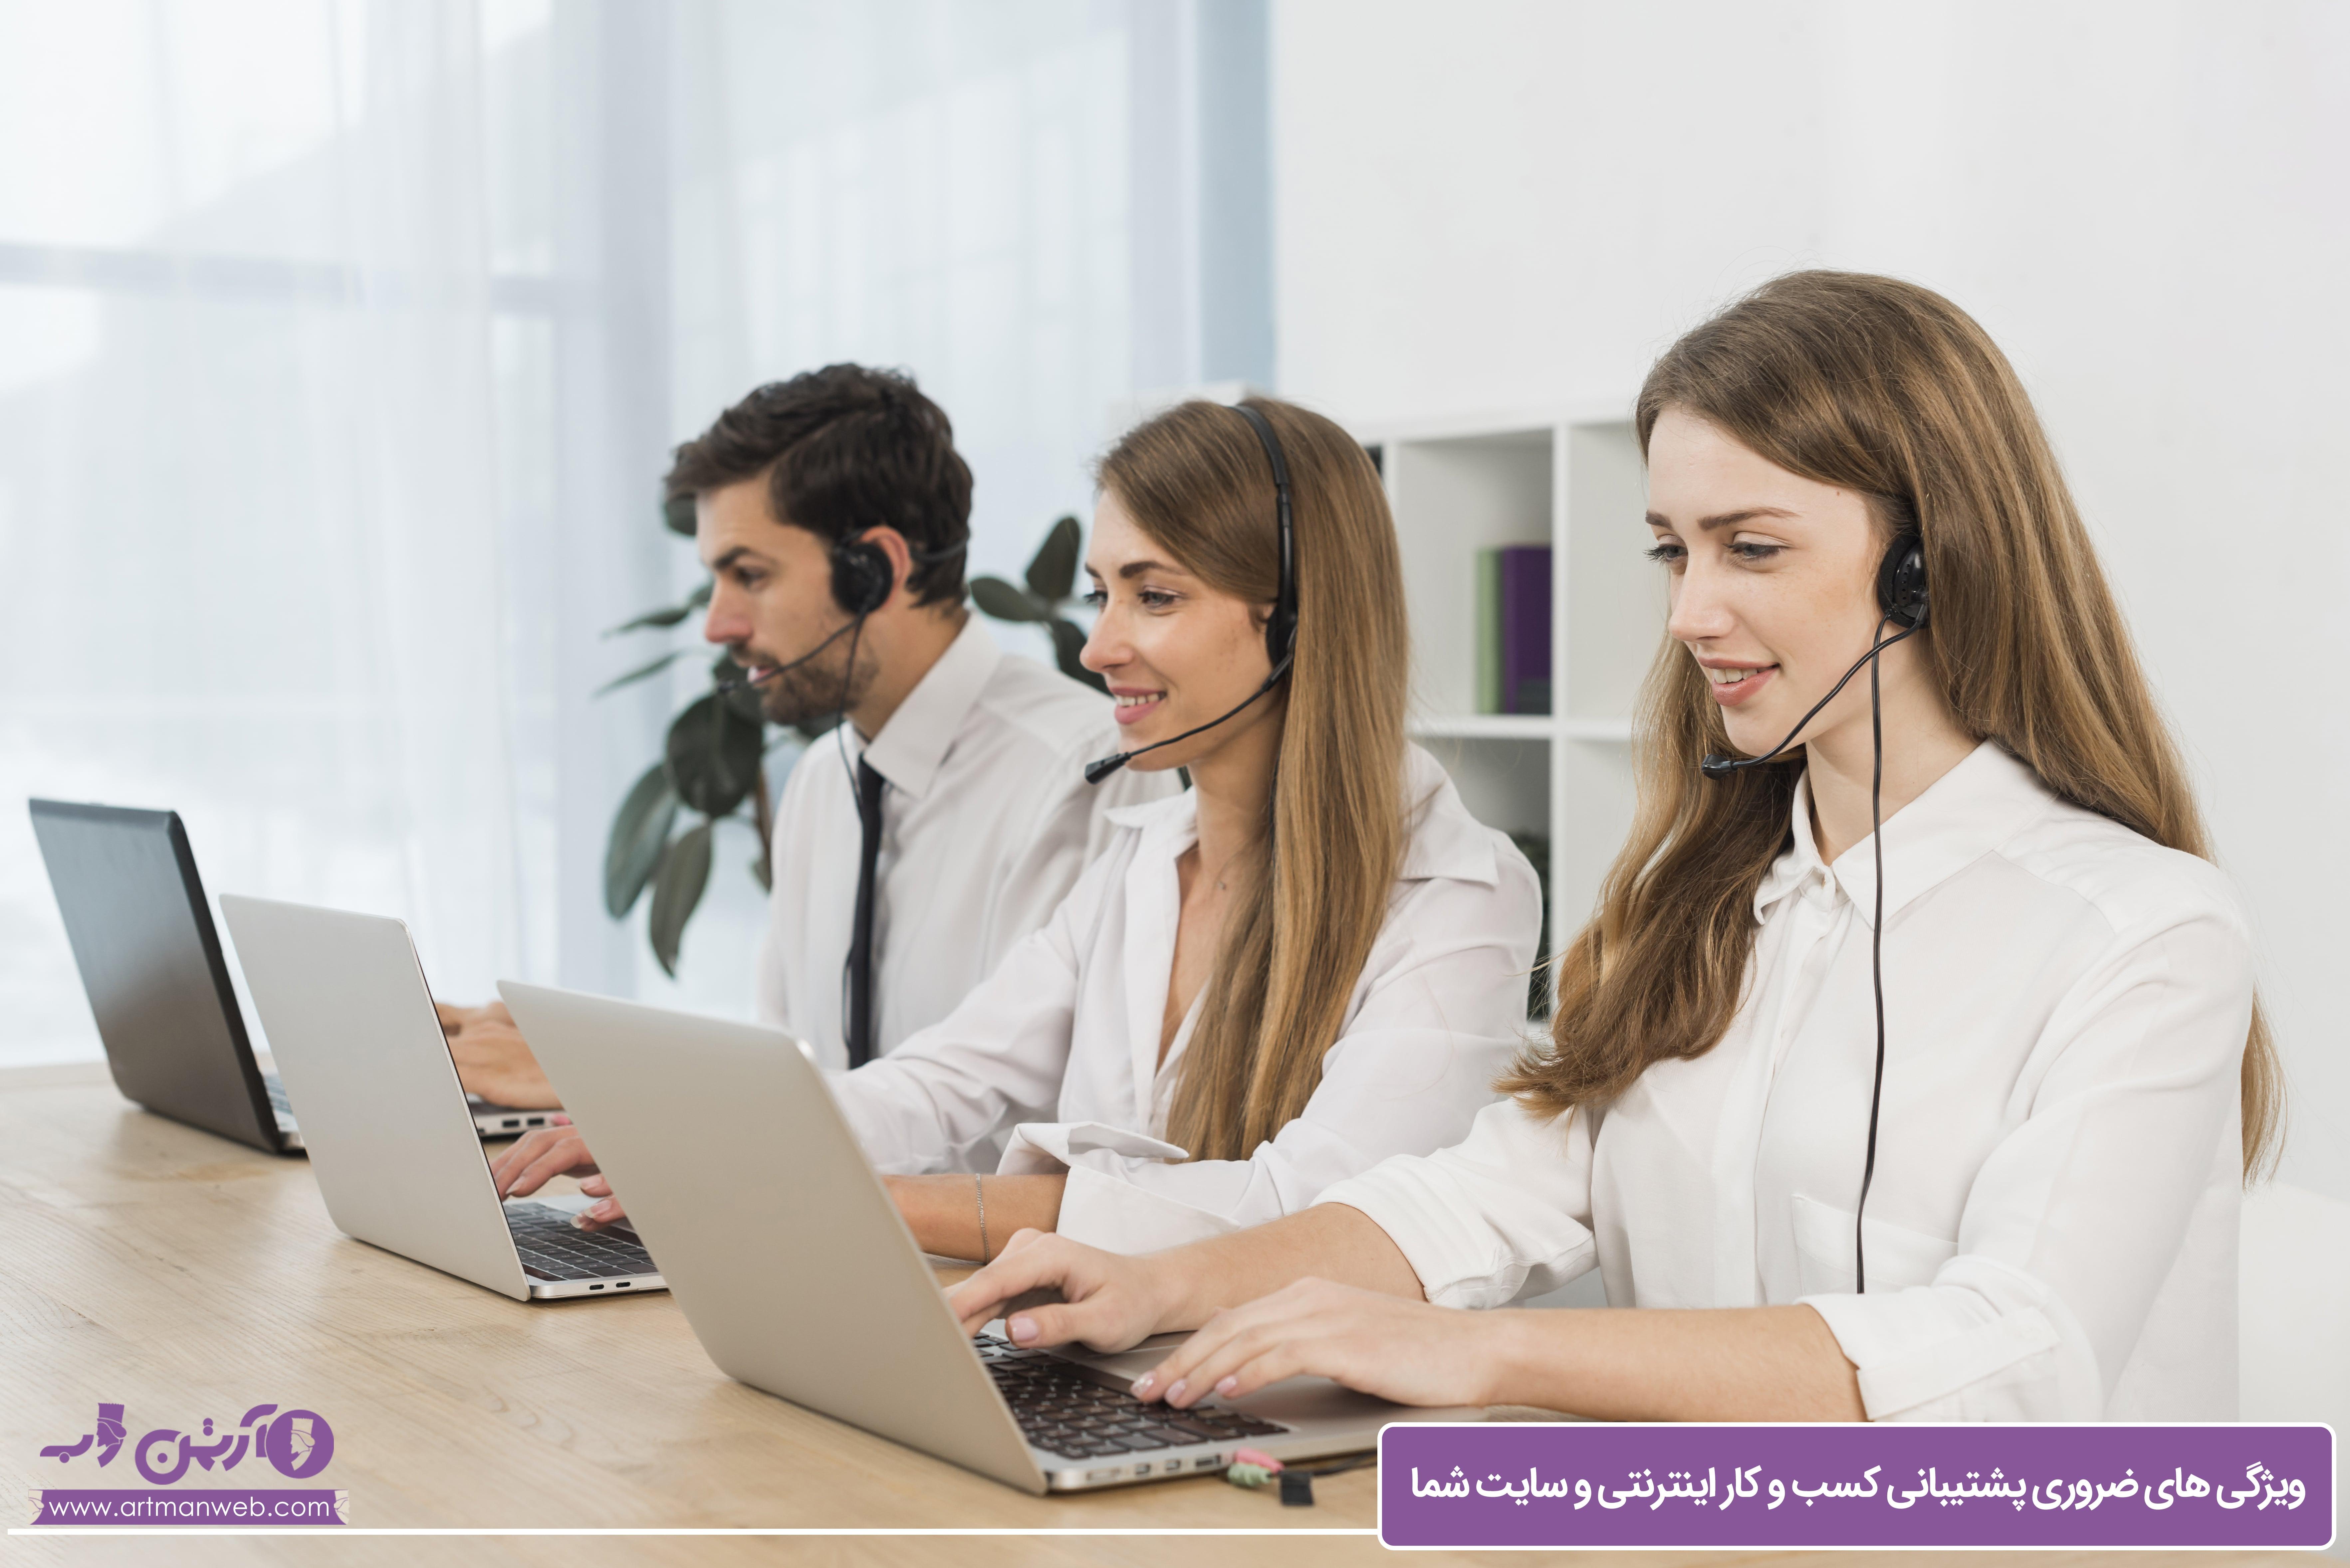 تبدیل بازدید کنندهای سایت به مشتری با پشتیبانی مناسب سایت